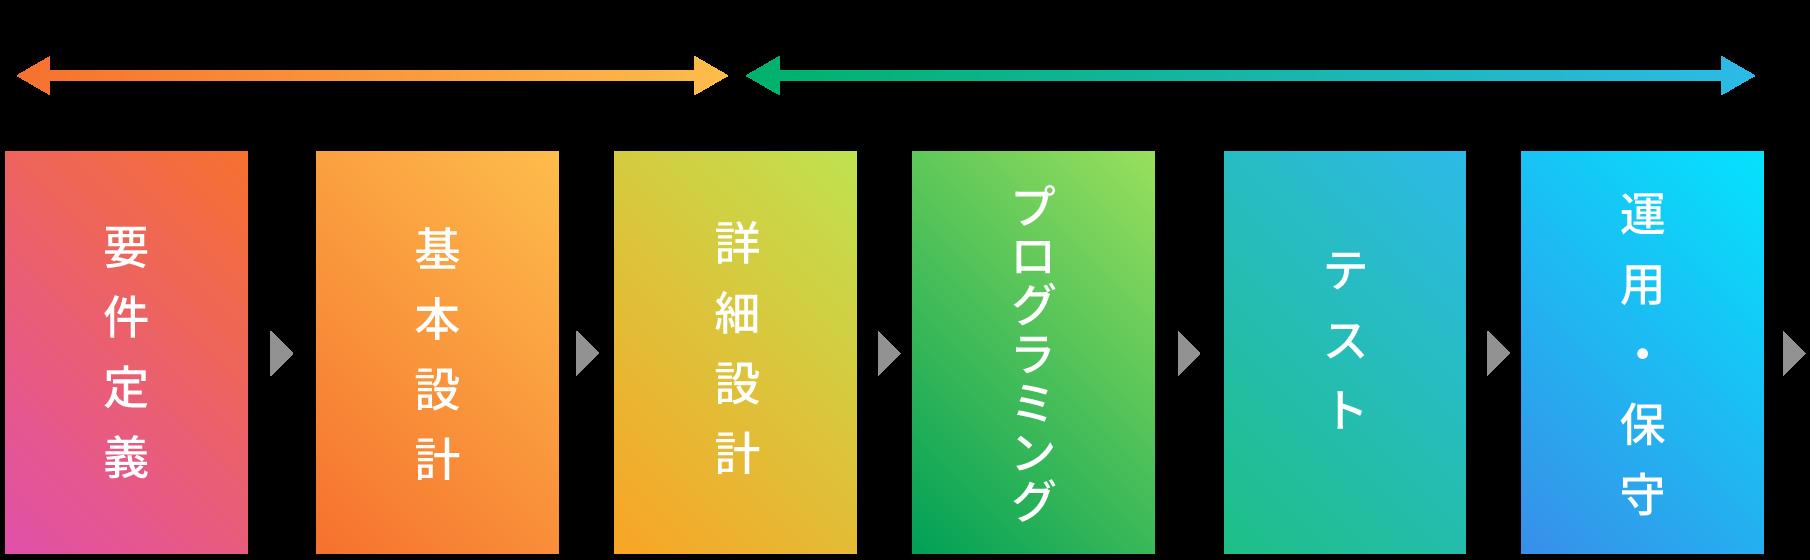 システム設計・開発・運用